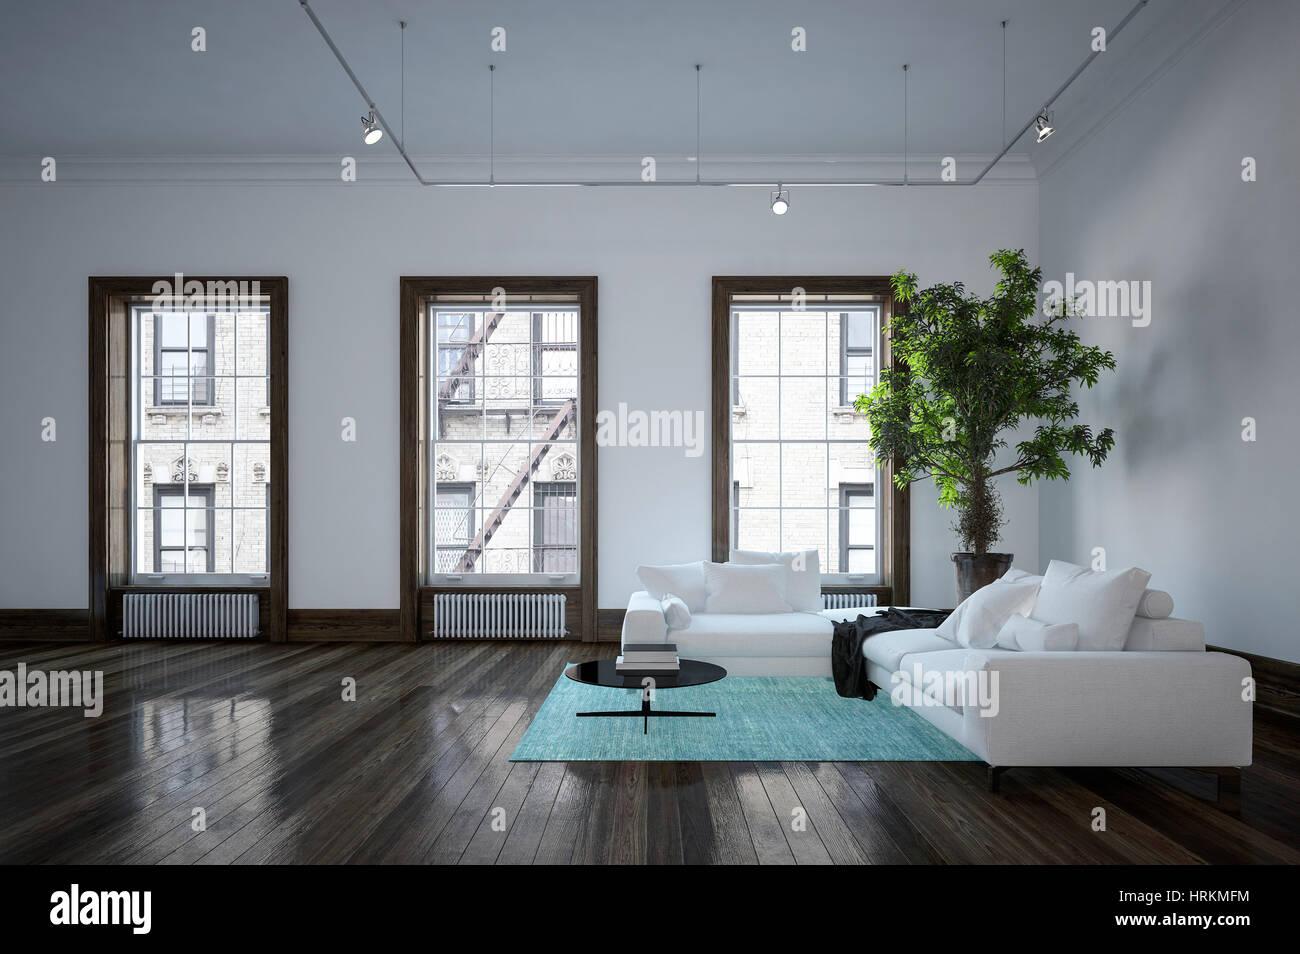 Minimalistischen modernen städtischen Wohnzimmer Interieur mit ...